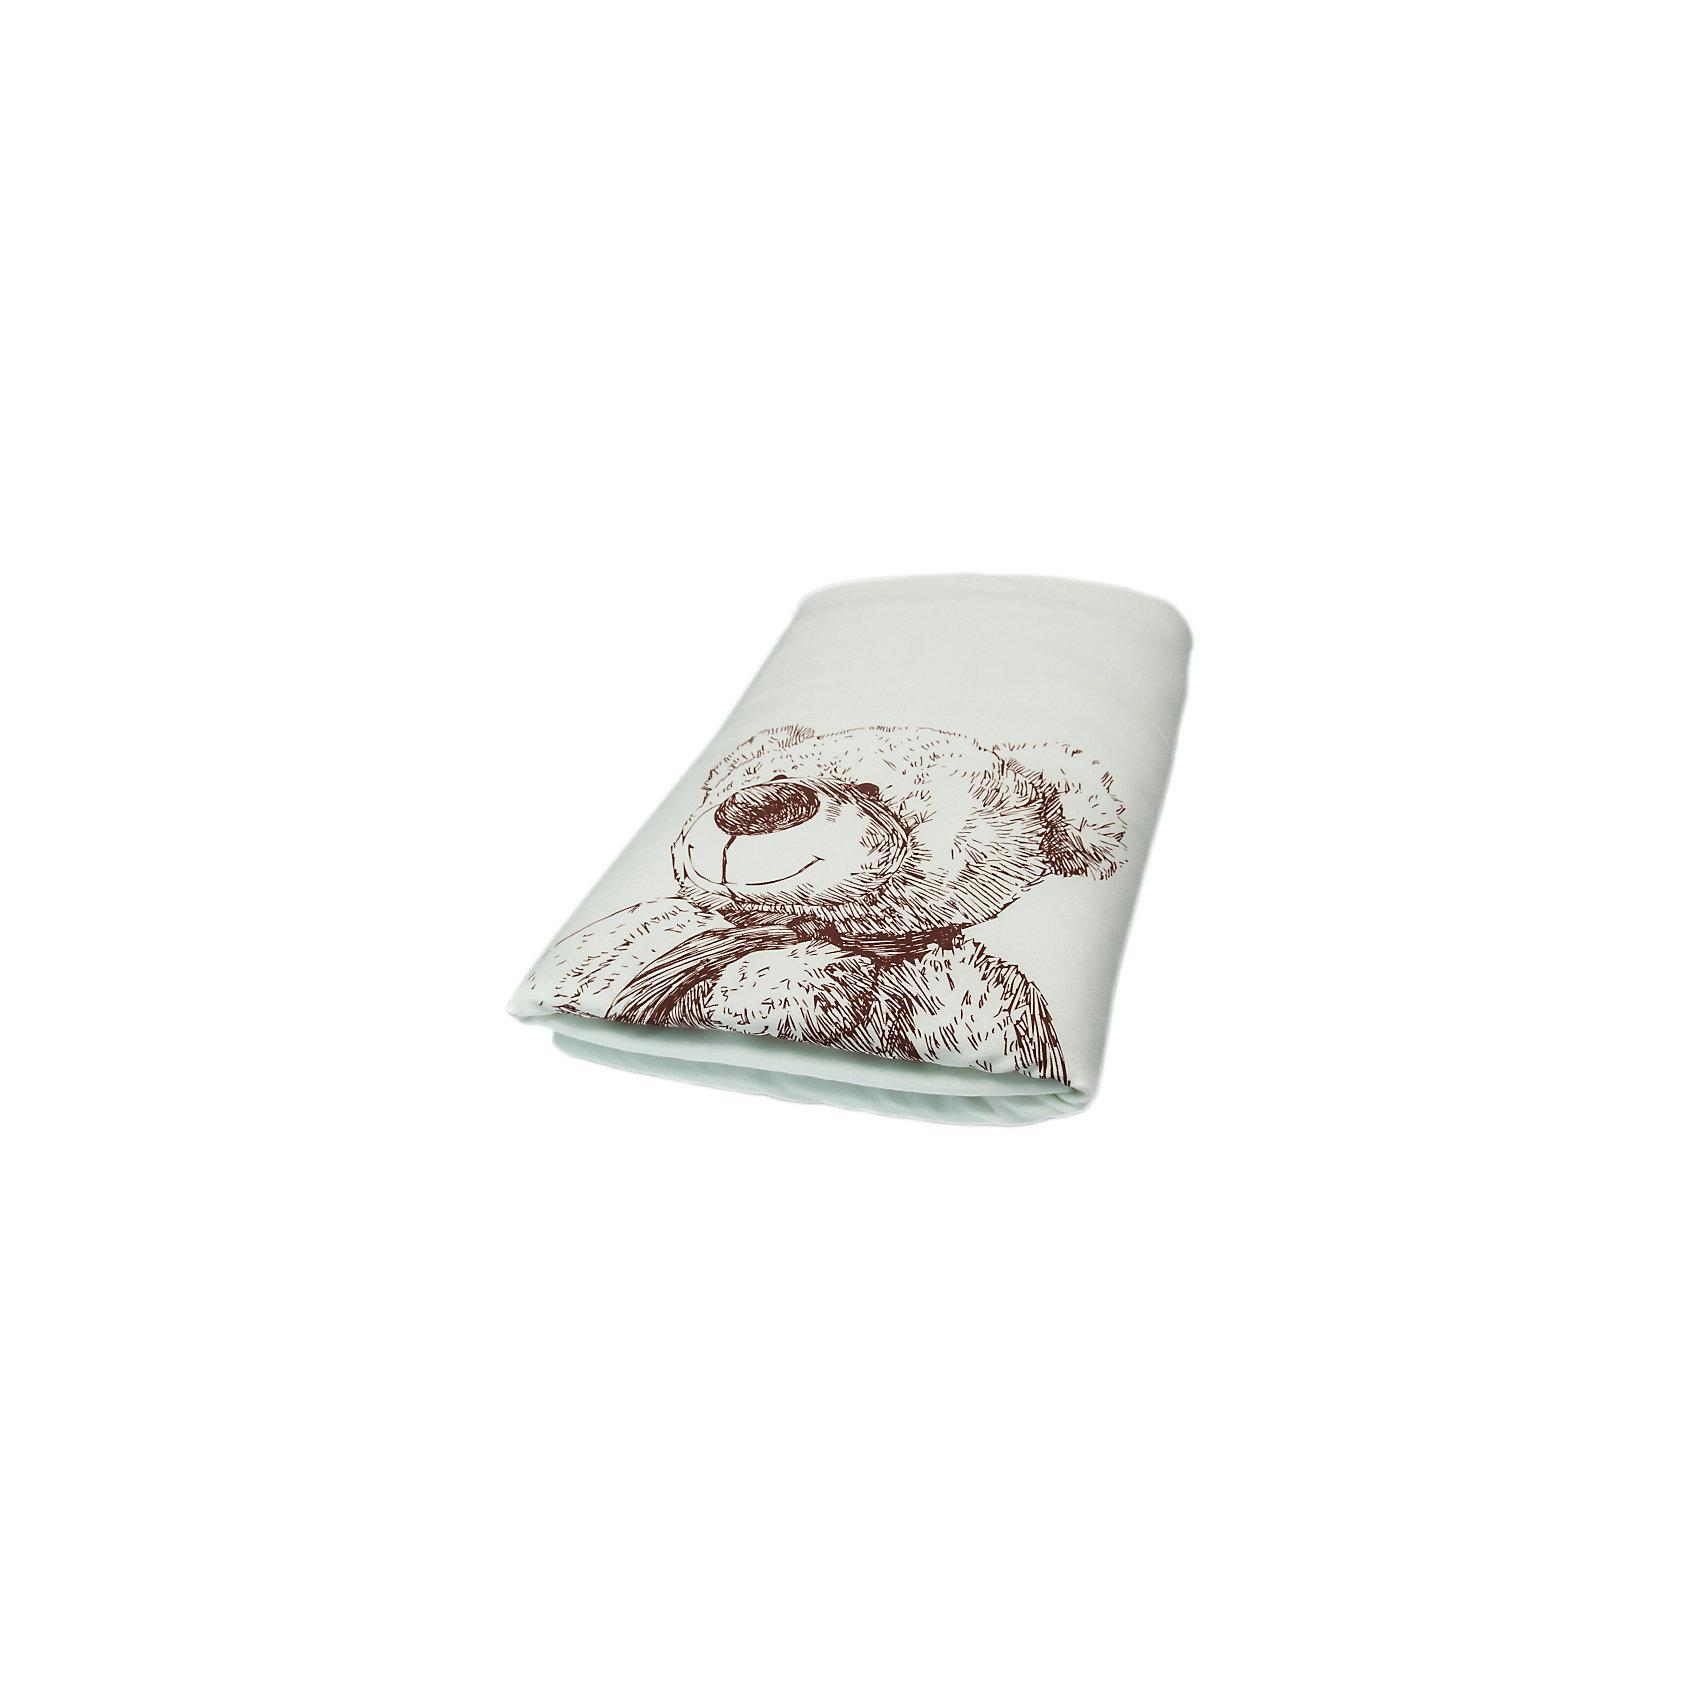 Плед Медвежата, Сонный гномик, молочныйОдеяла, пледы<br>Плед Медвежата, Сонный гномик, молочный изготовлен из трикотажного полотна, в качестве утеплителя – синтепон. Плед хорошо сохраняет цвет и форму даже после длительного использования. Изделие оформлено изображением милого медвежонка. Утепленный плед молочного цвета будет идеальным решением для выписки в летний, осенний или весенний период. Размеры изделия 85*85 см позволяют его использовать в качестве легкого одеяла для сна, когда ребенок подрастет. <br><br>Дополнительная информация:<br><br>- Предназначение: для прогулки, на выписку, для сна<br>- Сезон: лето, весна, осень<br>- Материал: трикотажное полотно, синтепон<br>- Пол: для девочки/для мальчика<br>- Цвет: молочный, бежевый<br>- Размеры (Д*Ш*Д): 37*5*27 см<br>- Вес: 460 г<br>- Особенности ухода: разрешается стирка при температуре не более 30 градусов, запрещается использовать химические отбеливатели<br><br>Подробнее:<br><br>• Для детей в возрасте от 0 месяцев и до 4 лет<br>• Страна производитель: Россия<br>• Торговый бренд: Сонный гномик<br><br>Плед Медвежата, Сонный гномик, молочный можно купить в нашем интернет-магазине.<br><br>Ширина мм: 370<br>Глубина мм: 50<br>Высота мм: 270<br>Вес г: 460<br>Возраст от месяцев: 0<br>Возраст до месяцев: 48<br>Пол: Унисекс<br>Возраст: Детский<br>SKU: 4922745